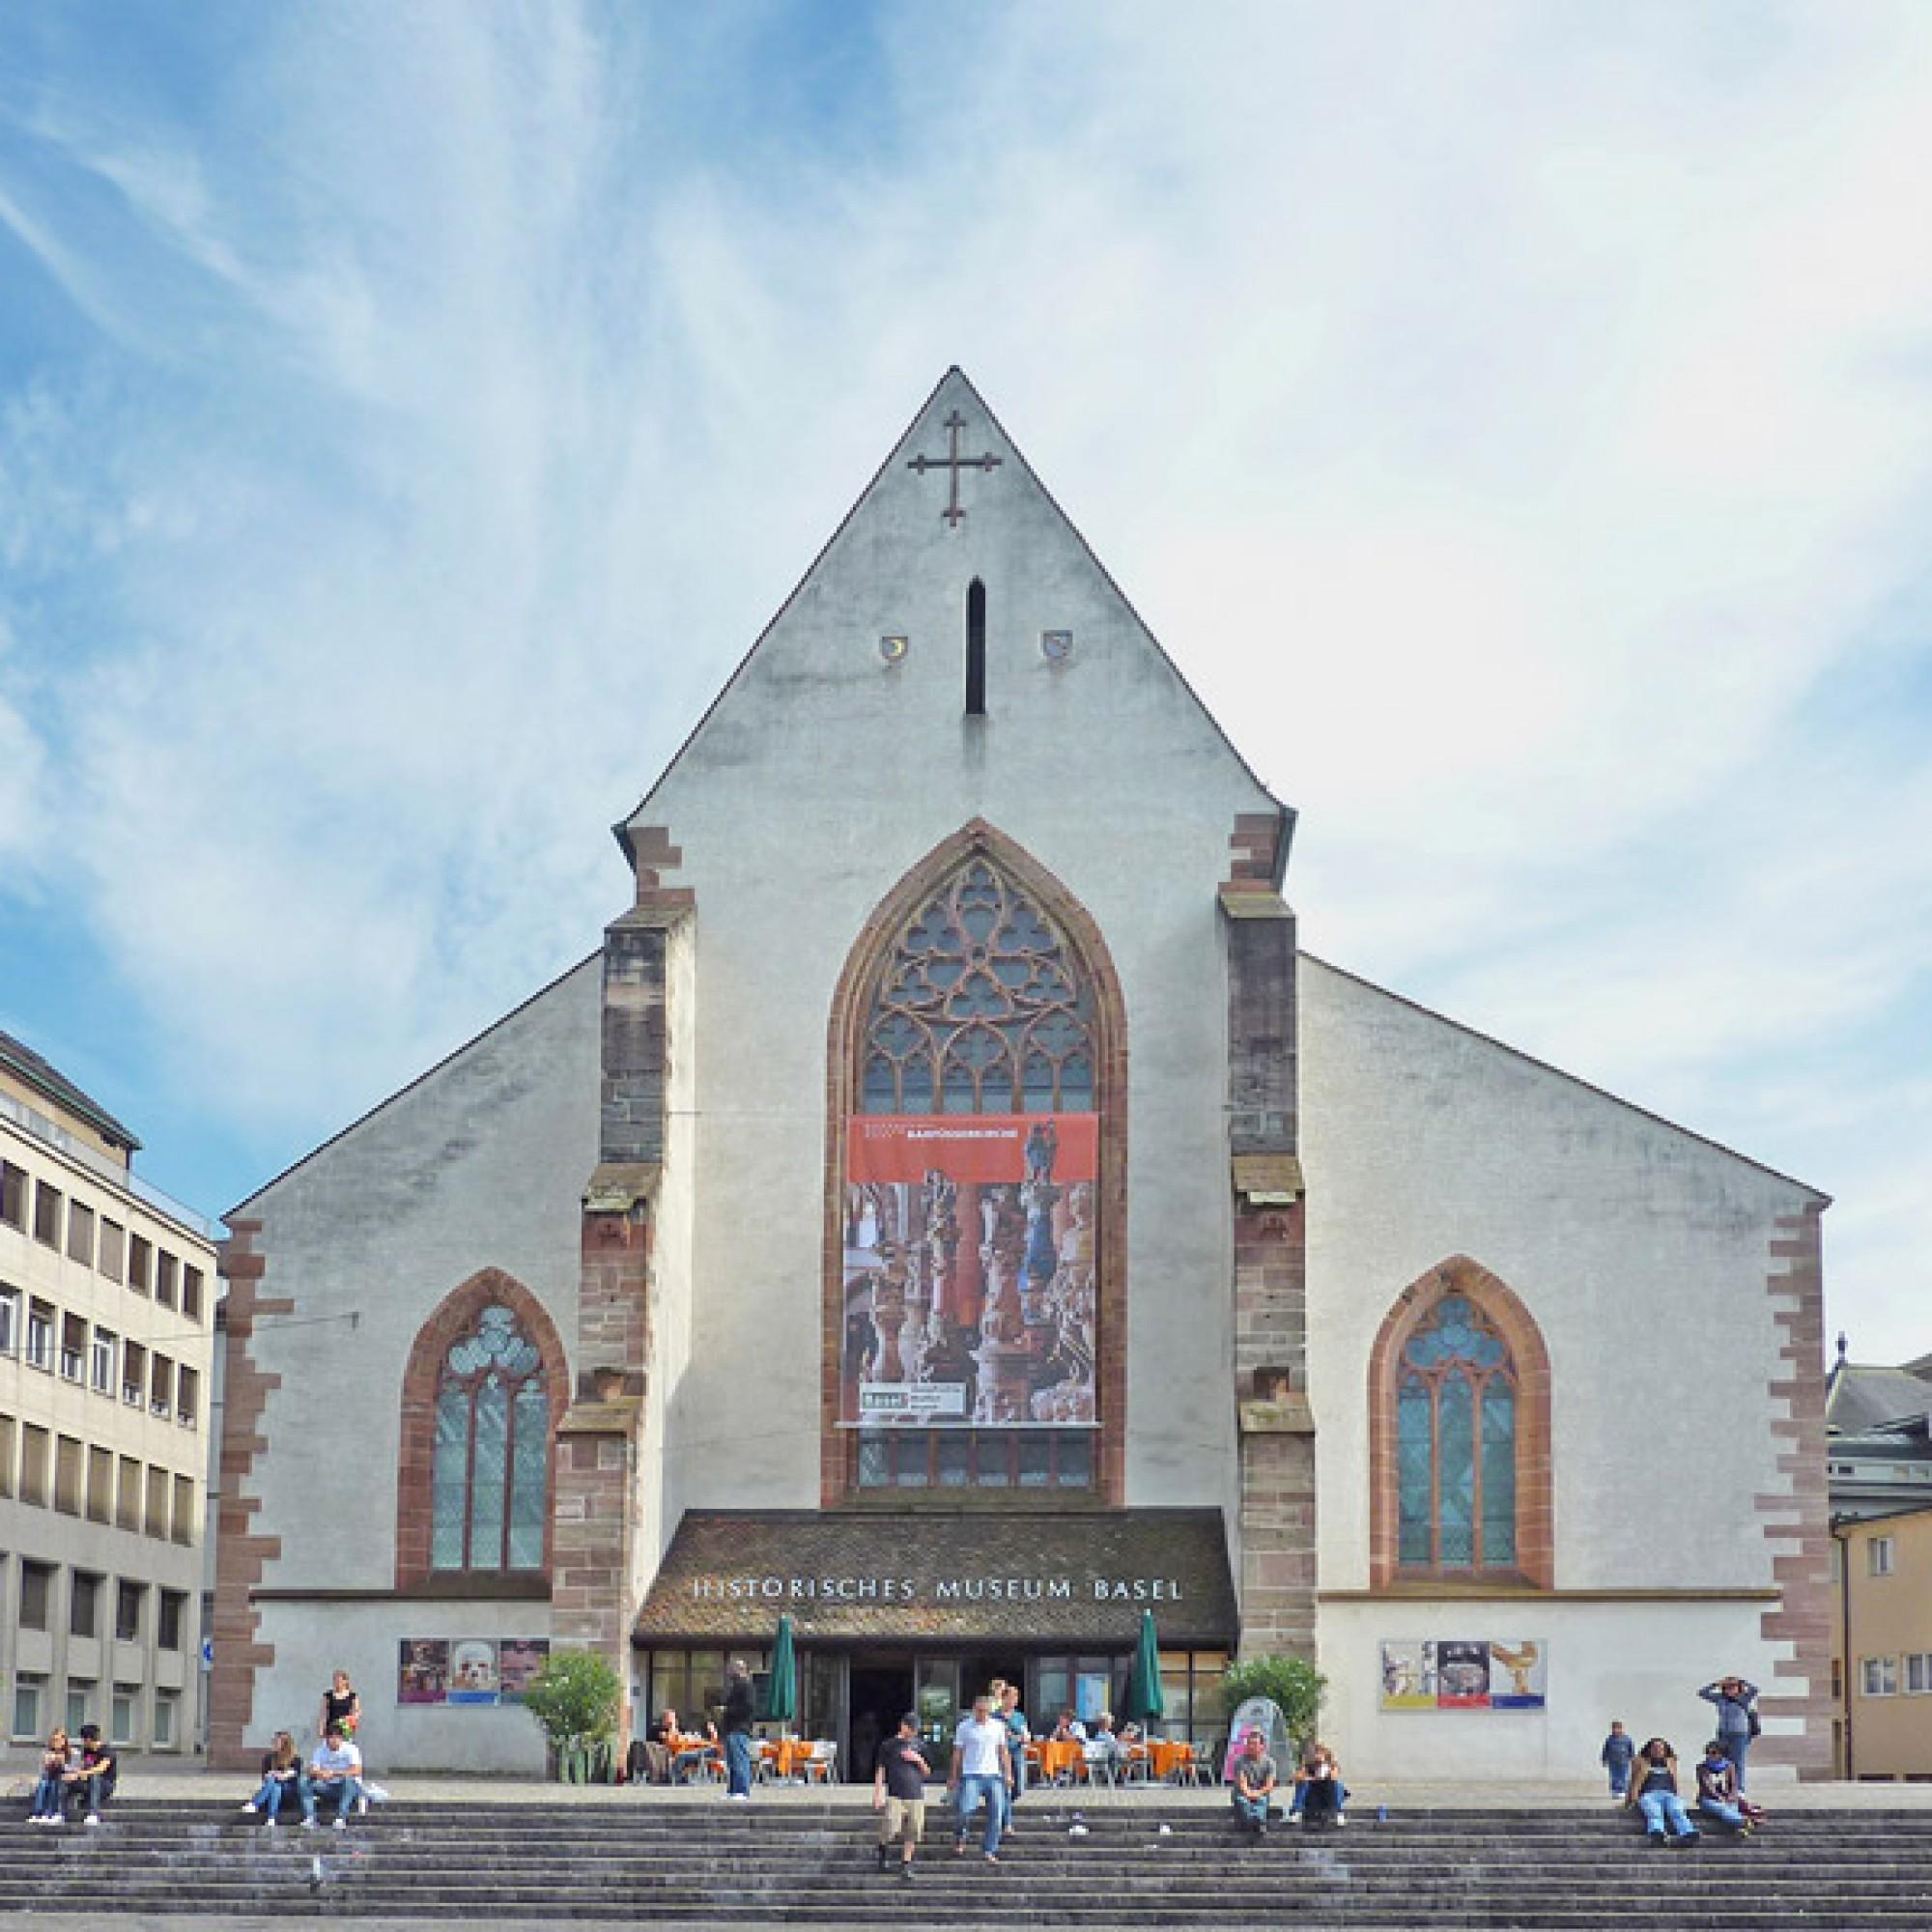 In der Barfüsserkirche ist heute das Historische Museum der Stadt Basel untergebracht. (James Steakley, CC BY-SA 3.0, Wikimedia)